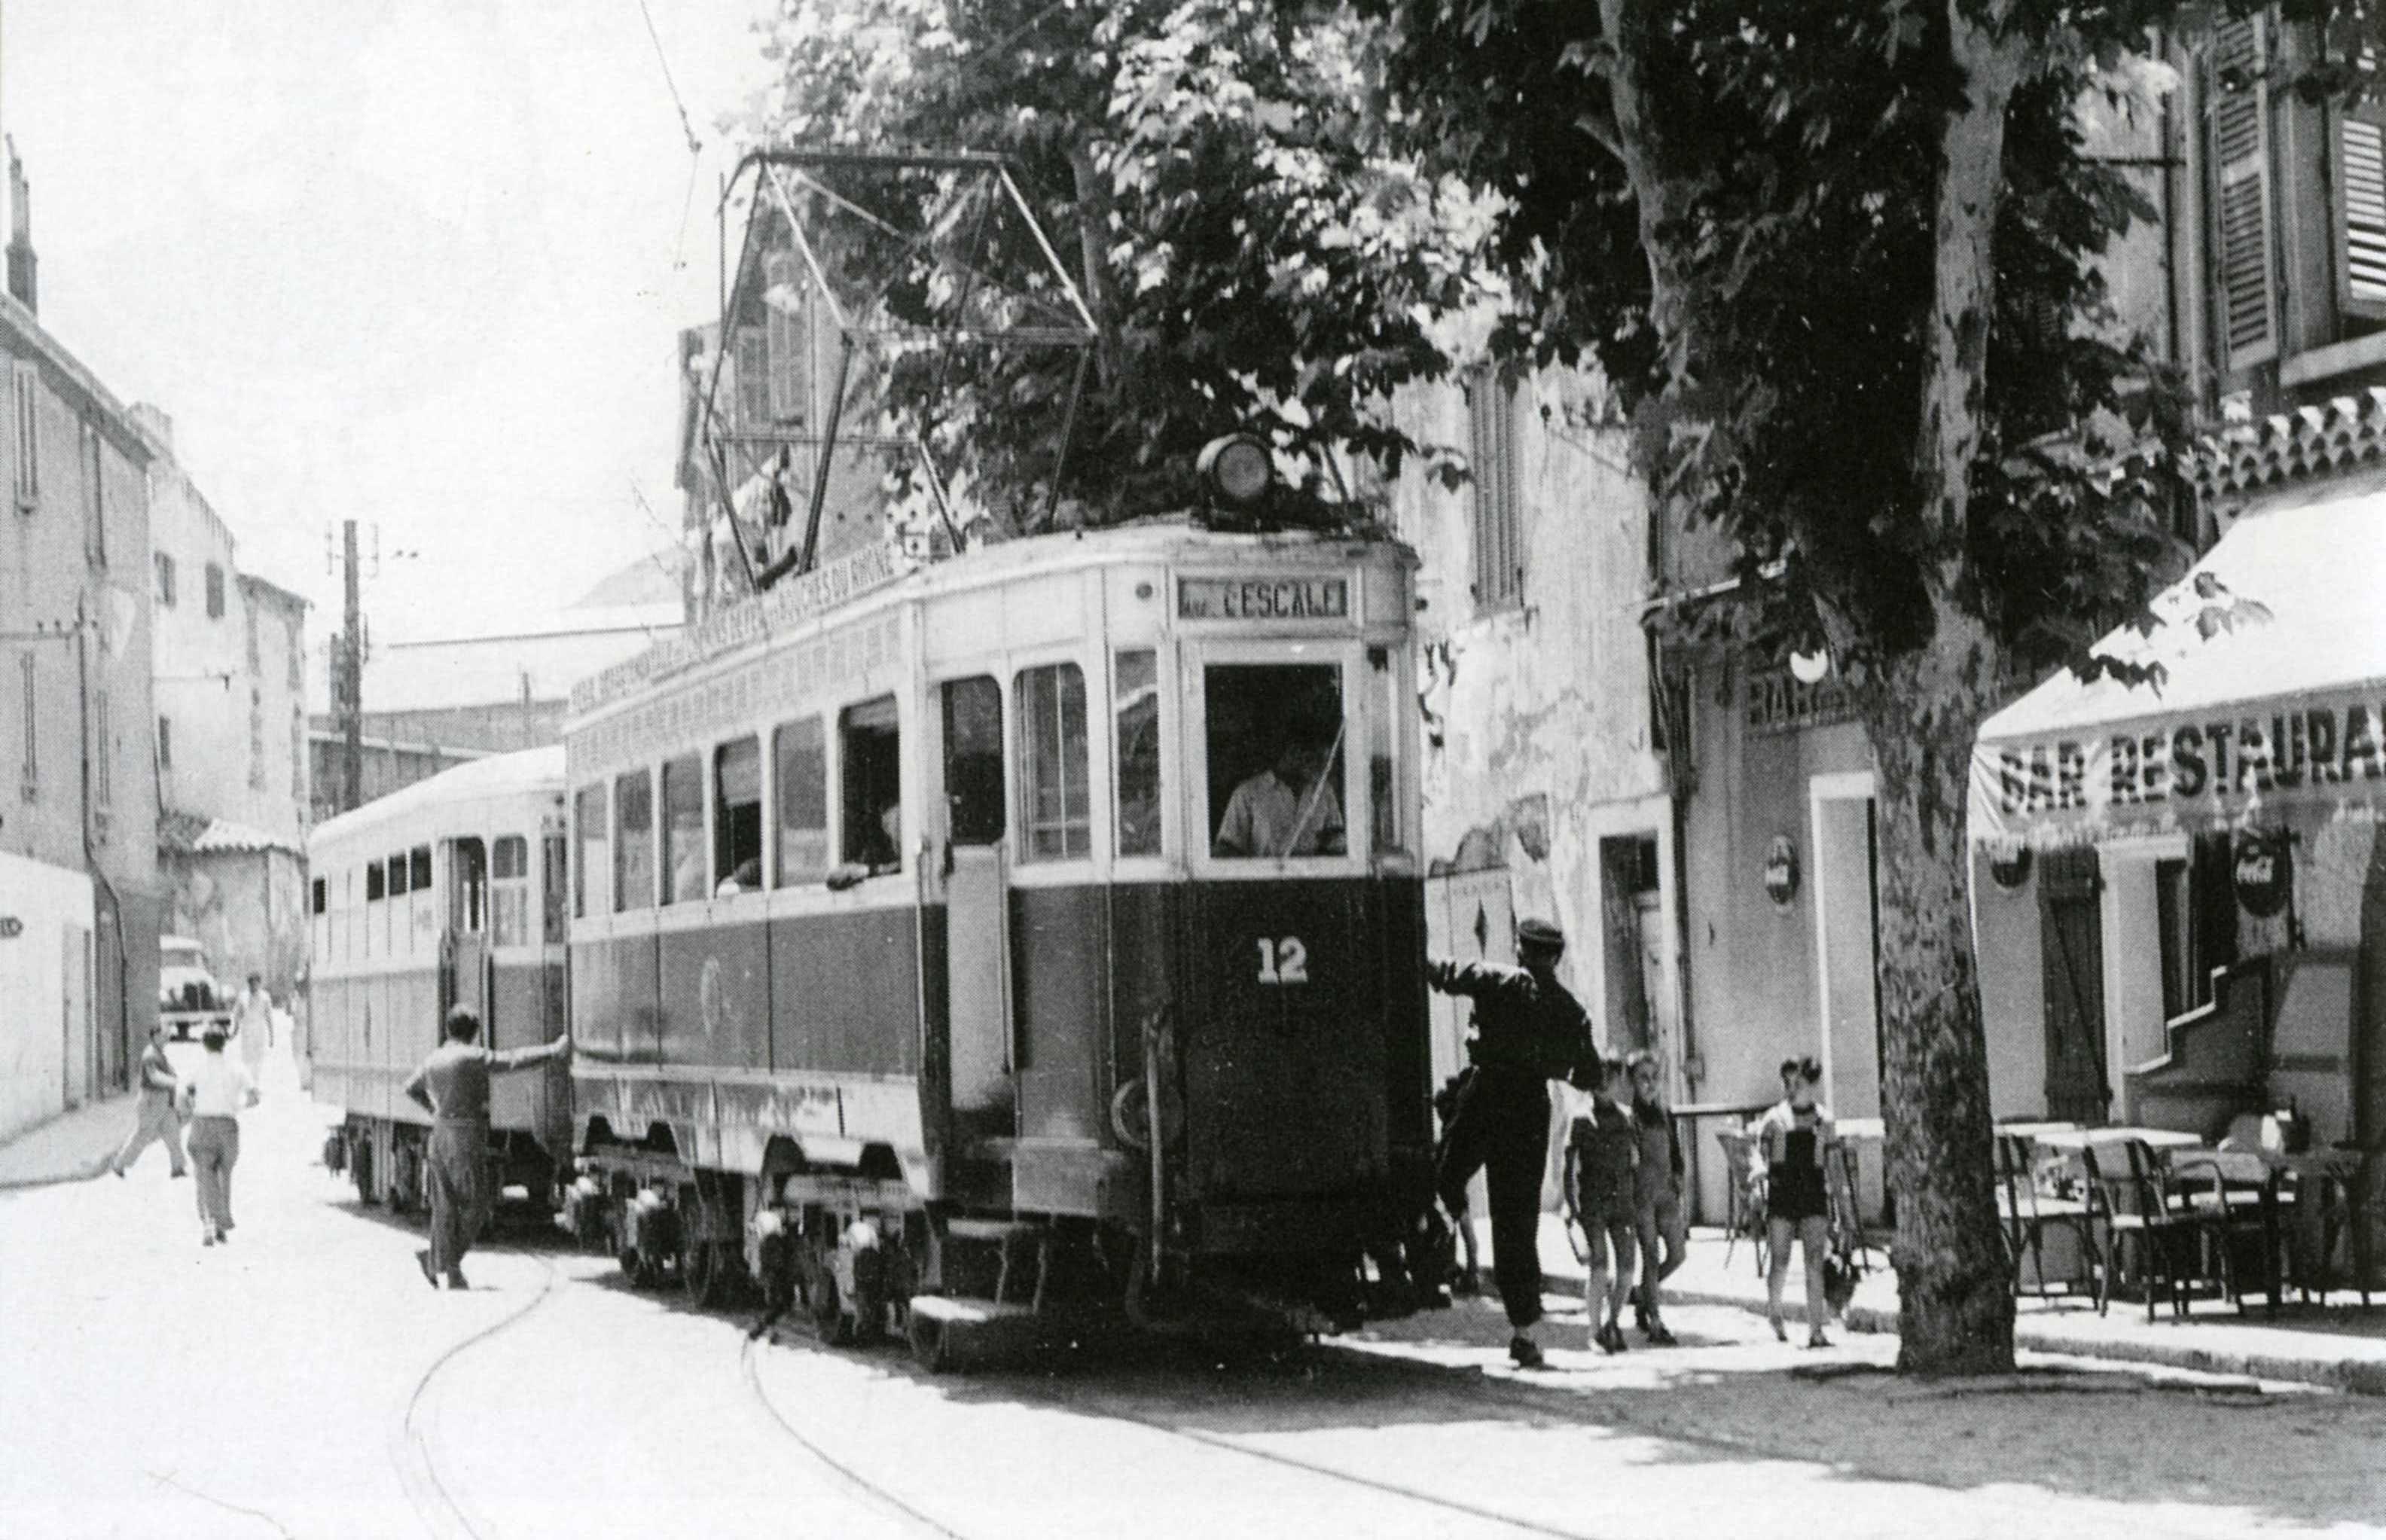 En voiture ! Le tramway ciotaden est prêt à partir pour la gare. La Ville se modernise… Environ 1950